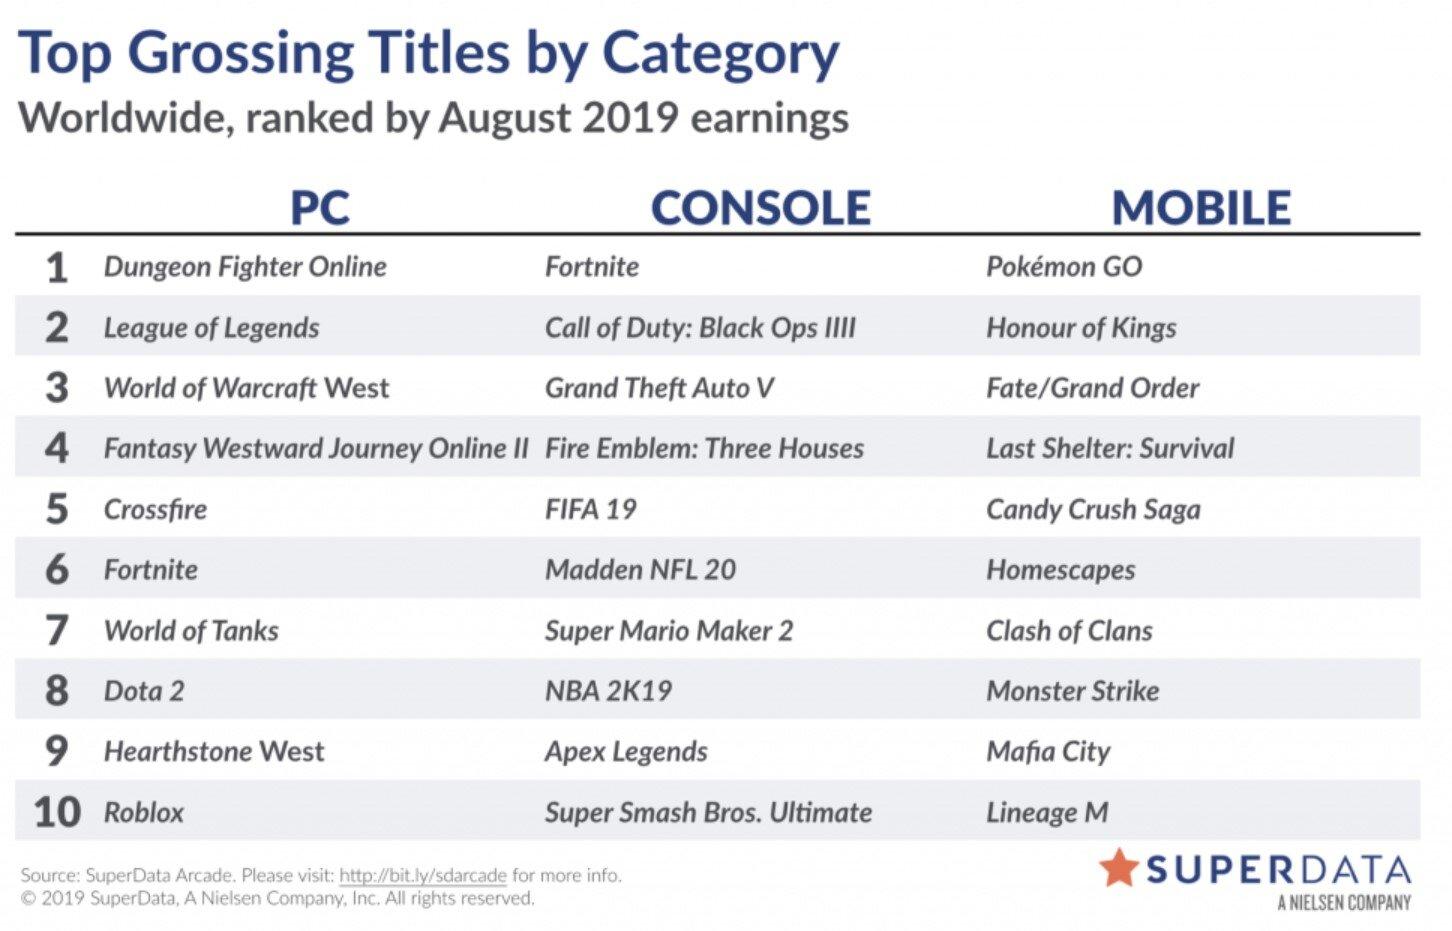 Liste der digital umsatzstärksten Videospiele im August 2019